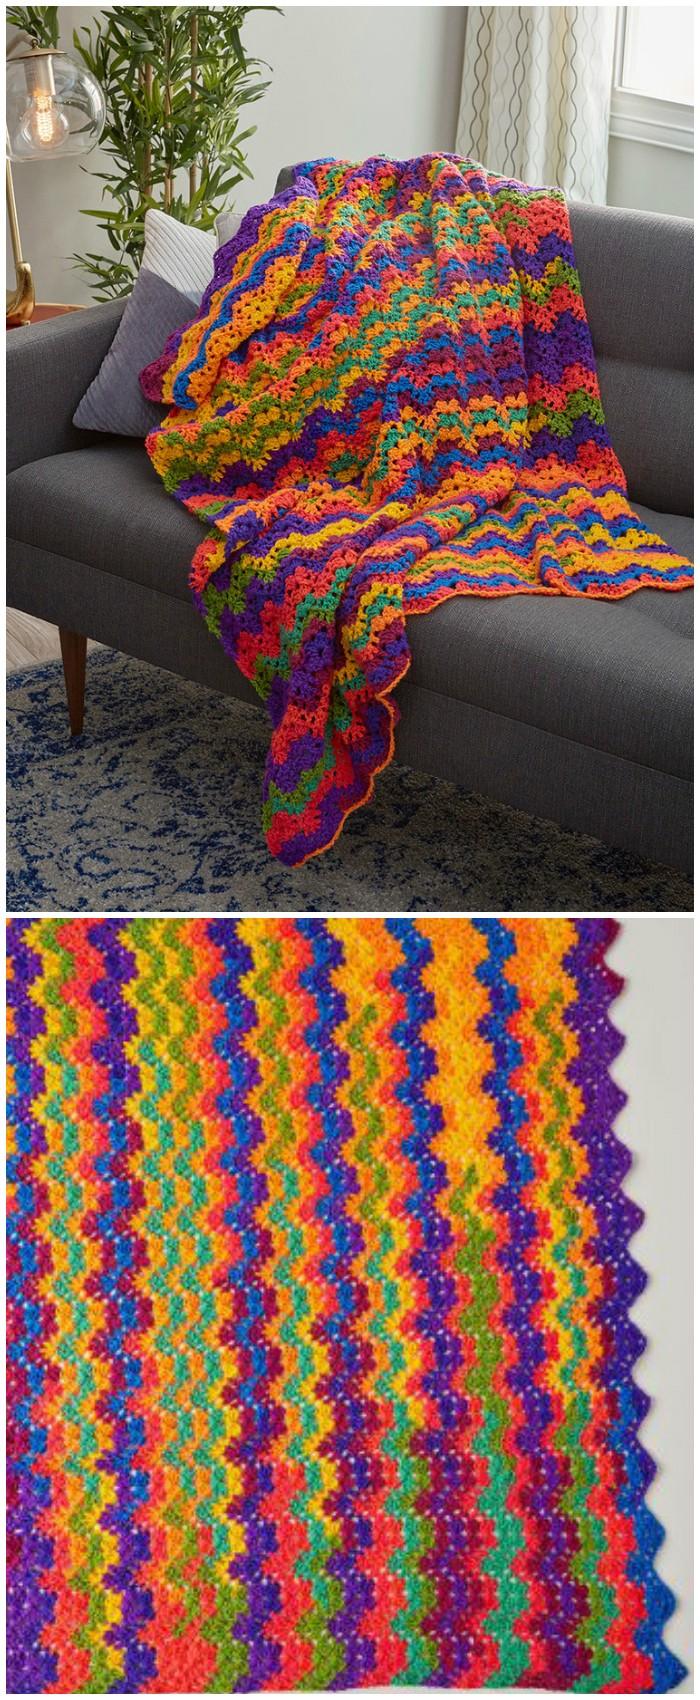 Vibrant Stripes Throw Free Crochet Pattern - crochet blanket